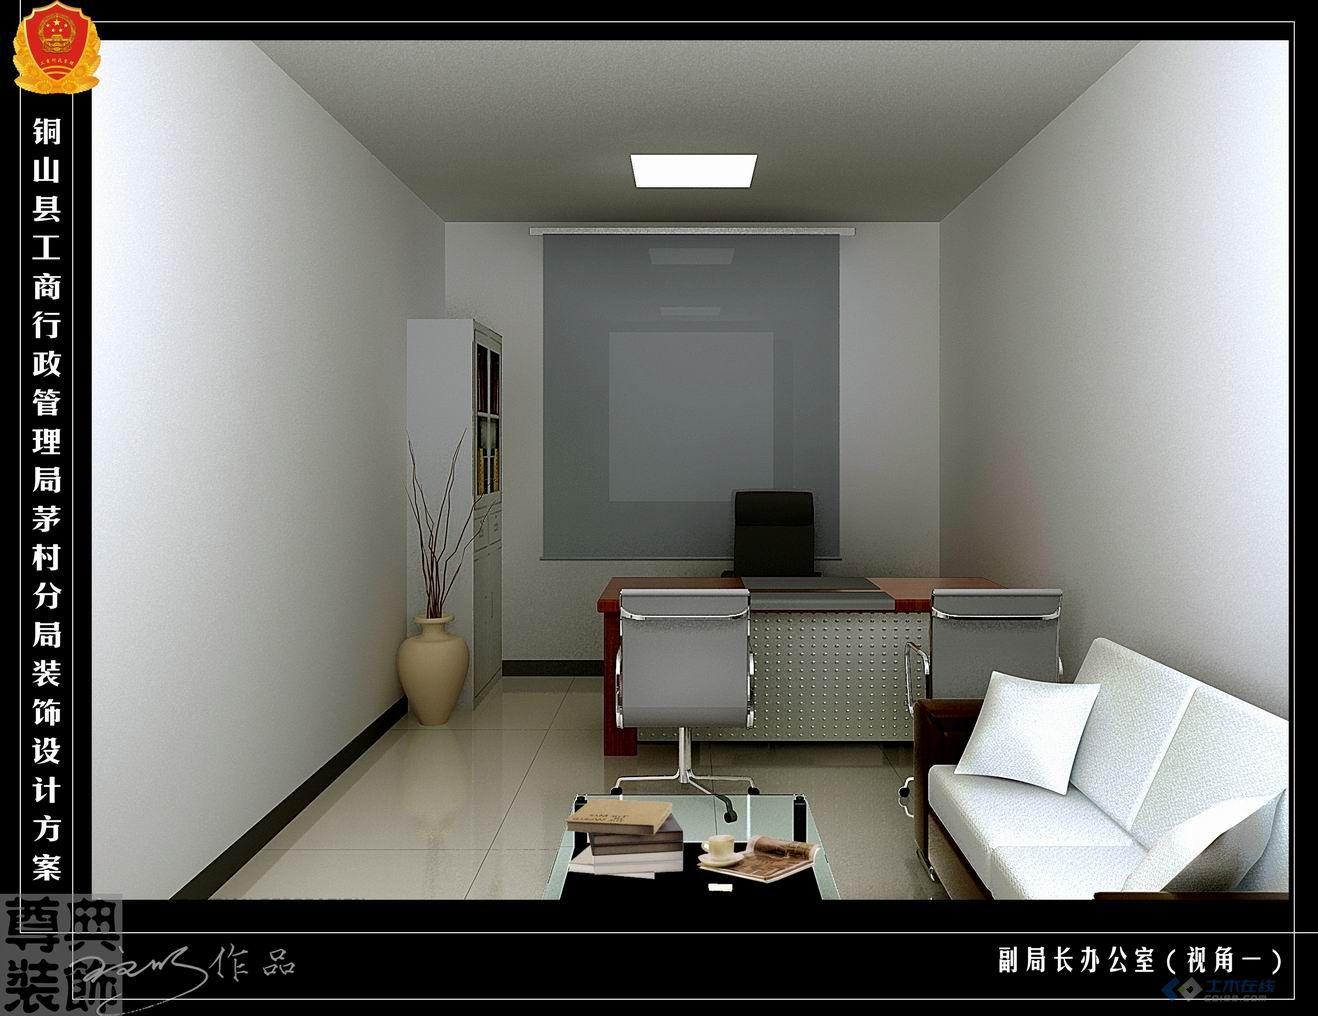 办公楼室内成套效果图